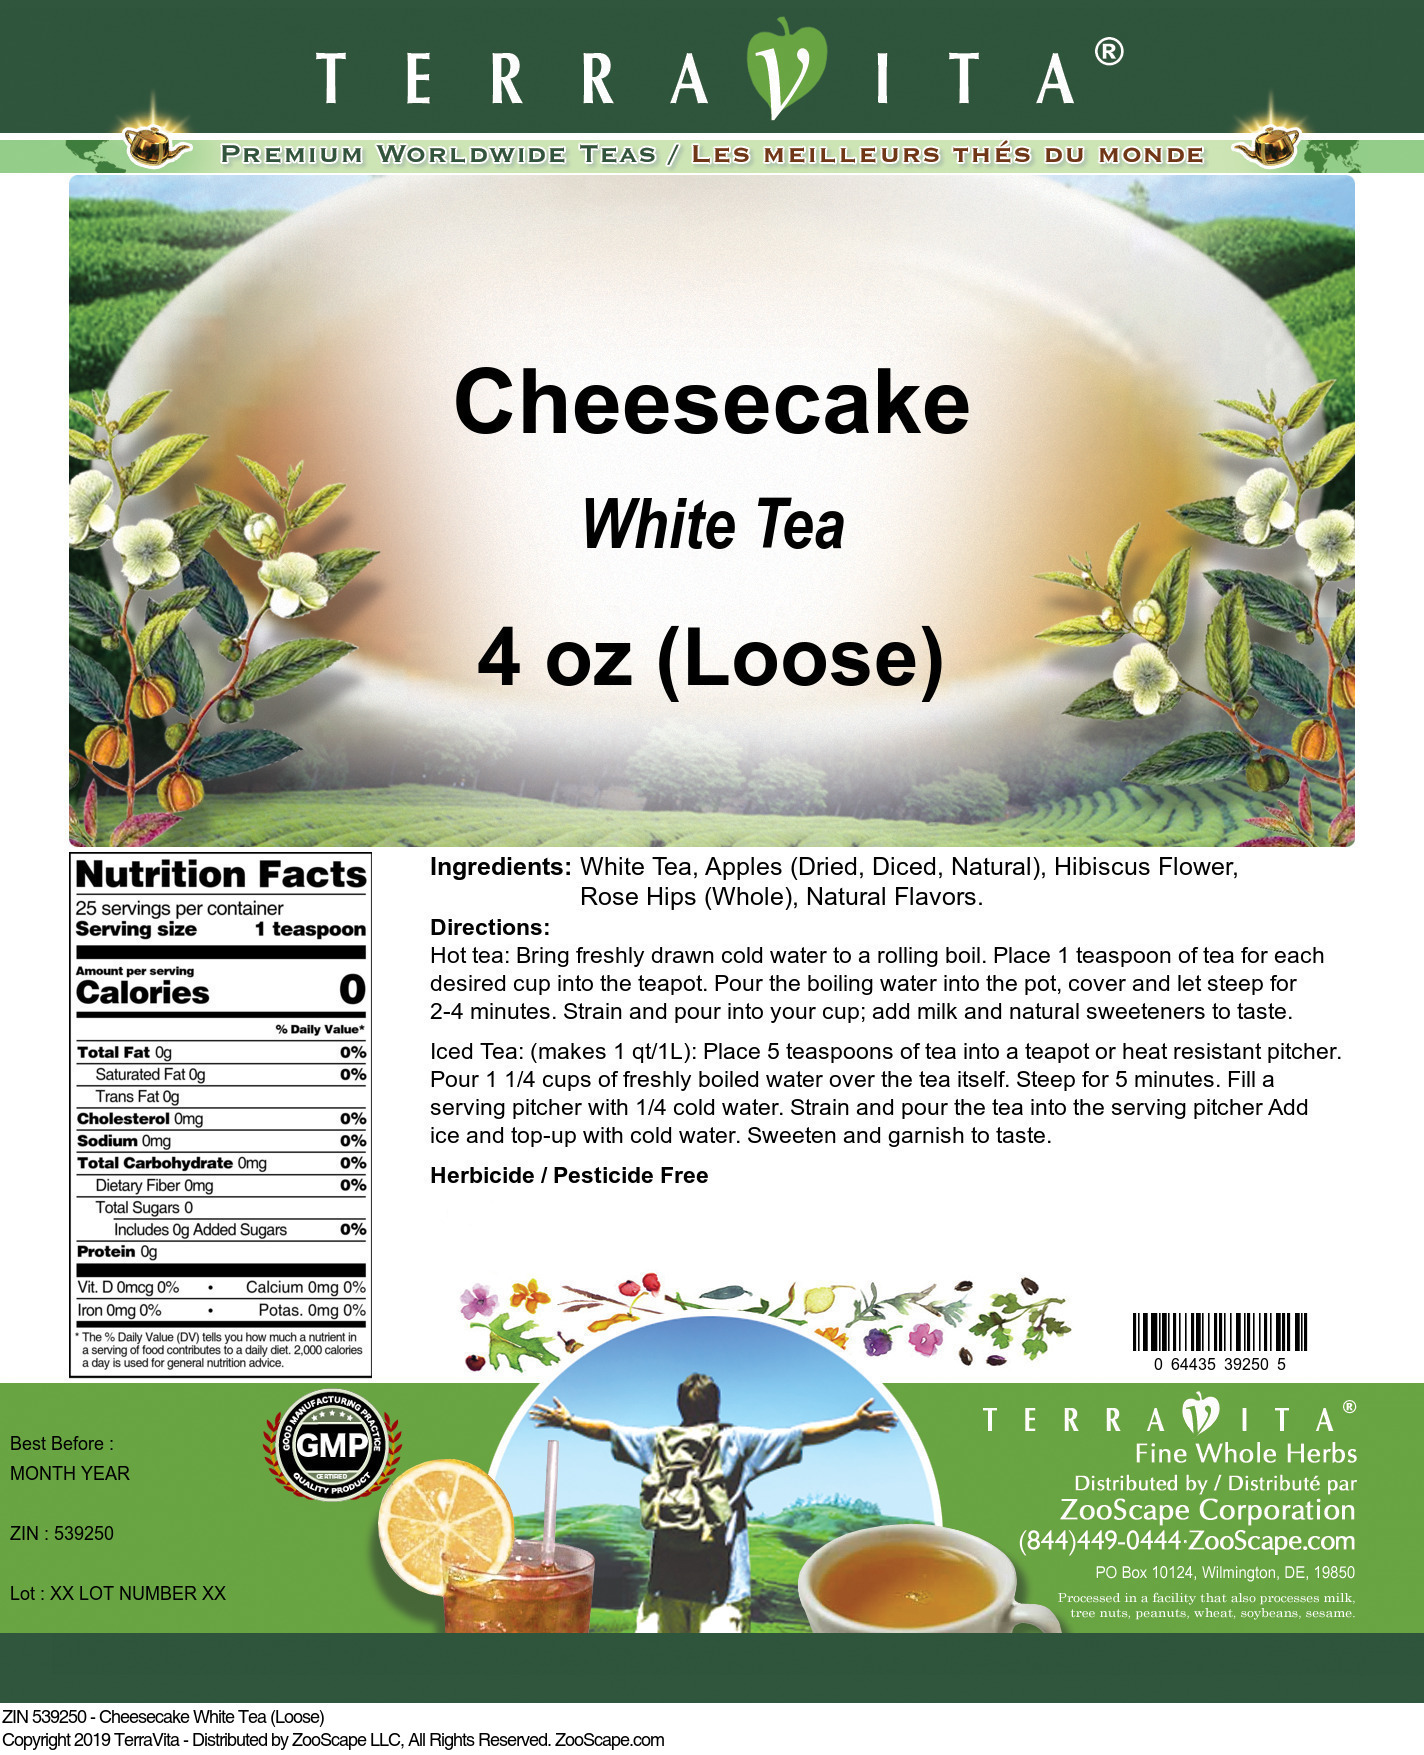 Cheesecake White Tea (Loose)